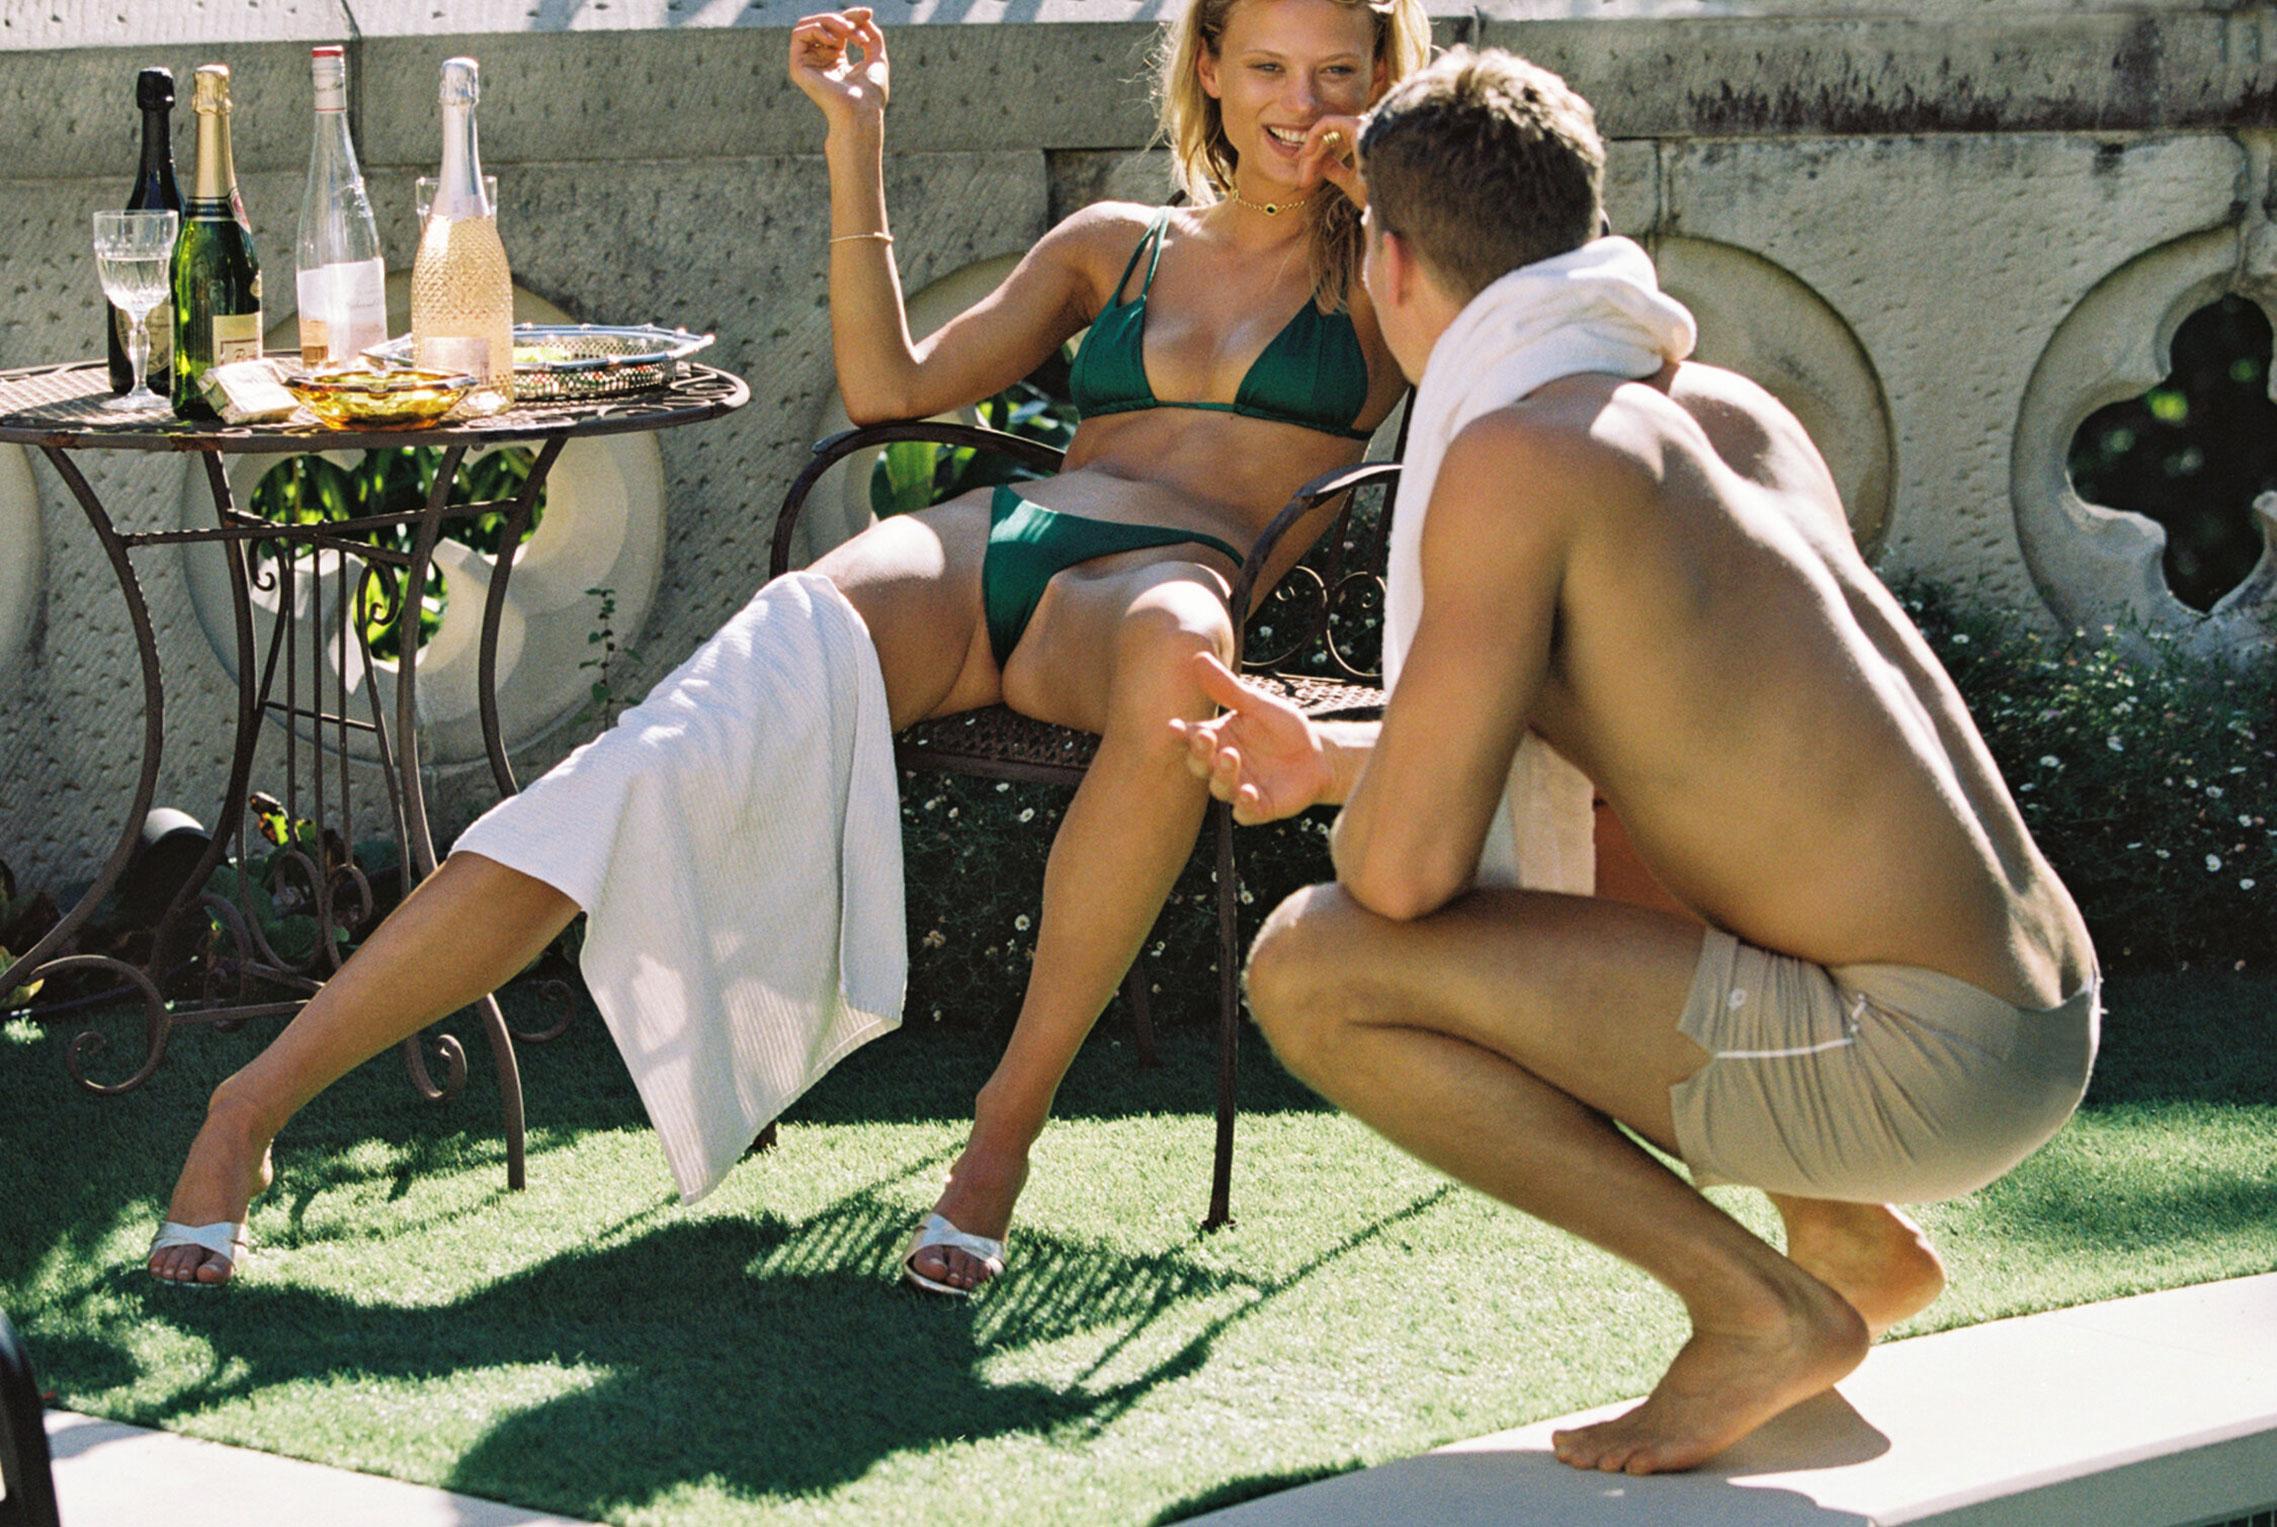 гедонистические развлечения богемы в рекламной кампании коллекции курортной одежды Sommer Swim 2020 / фото 12